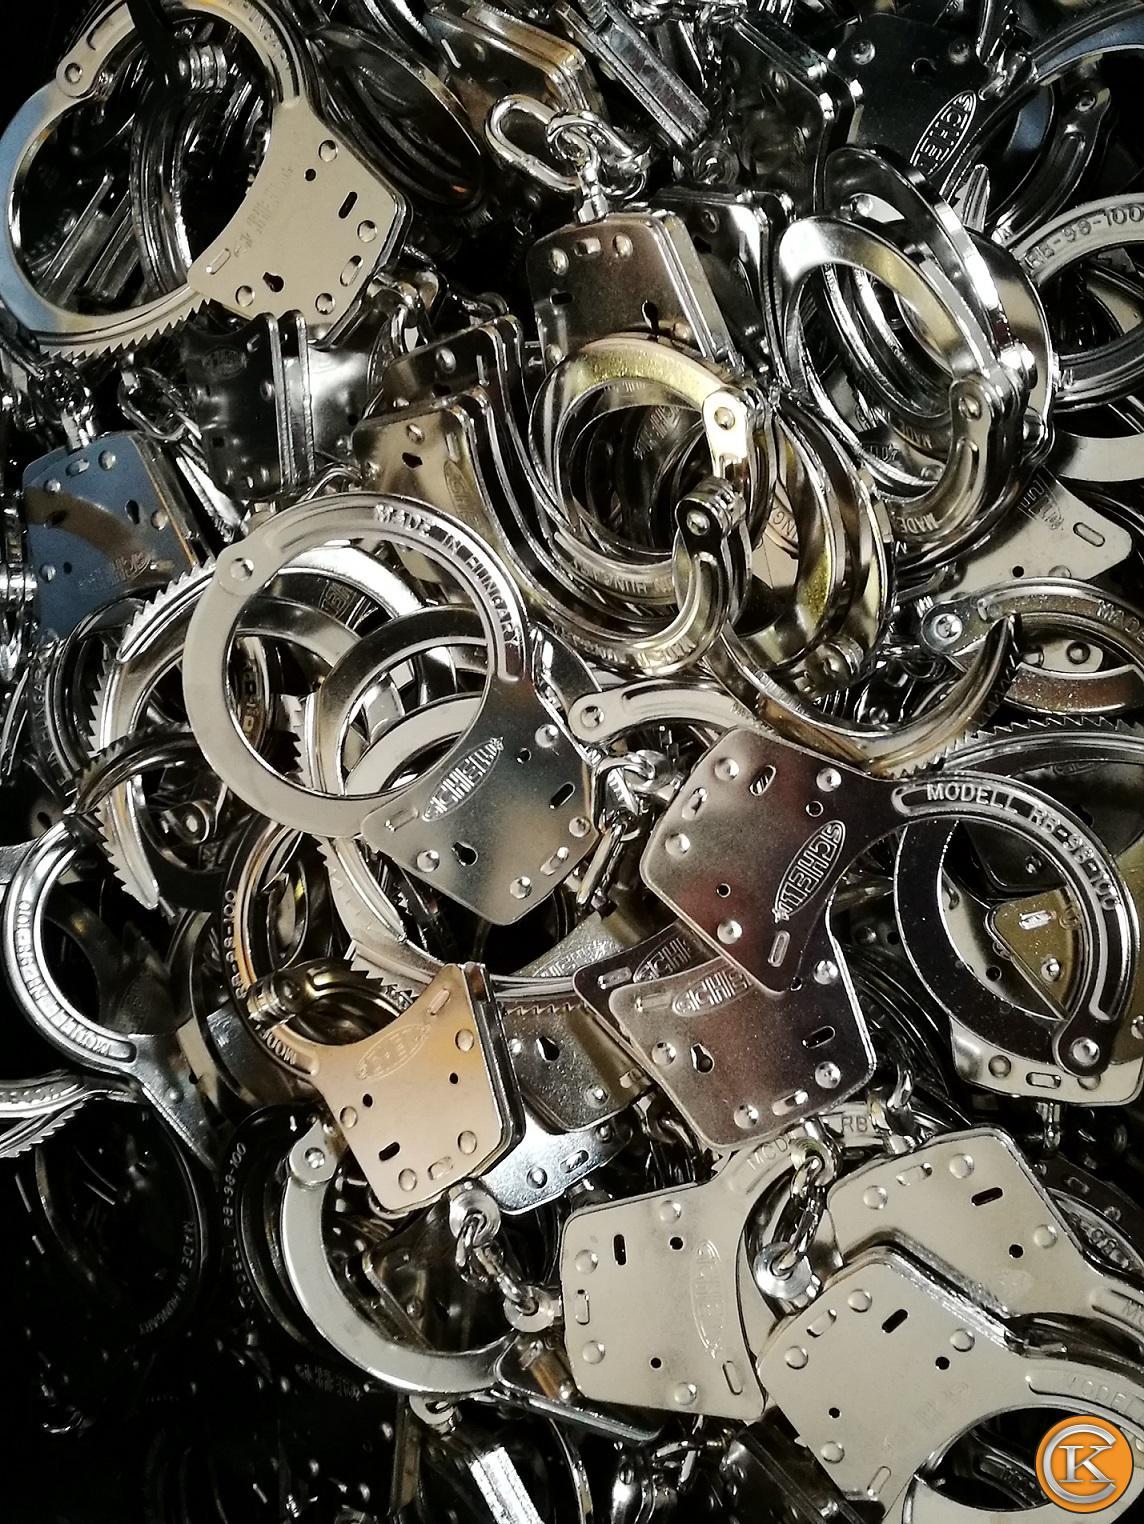 Nikkelezés galéria - Nikkelezett bilincsek